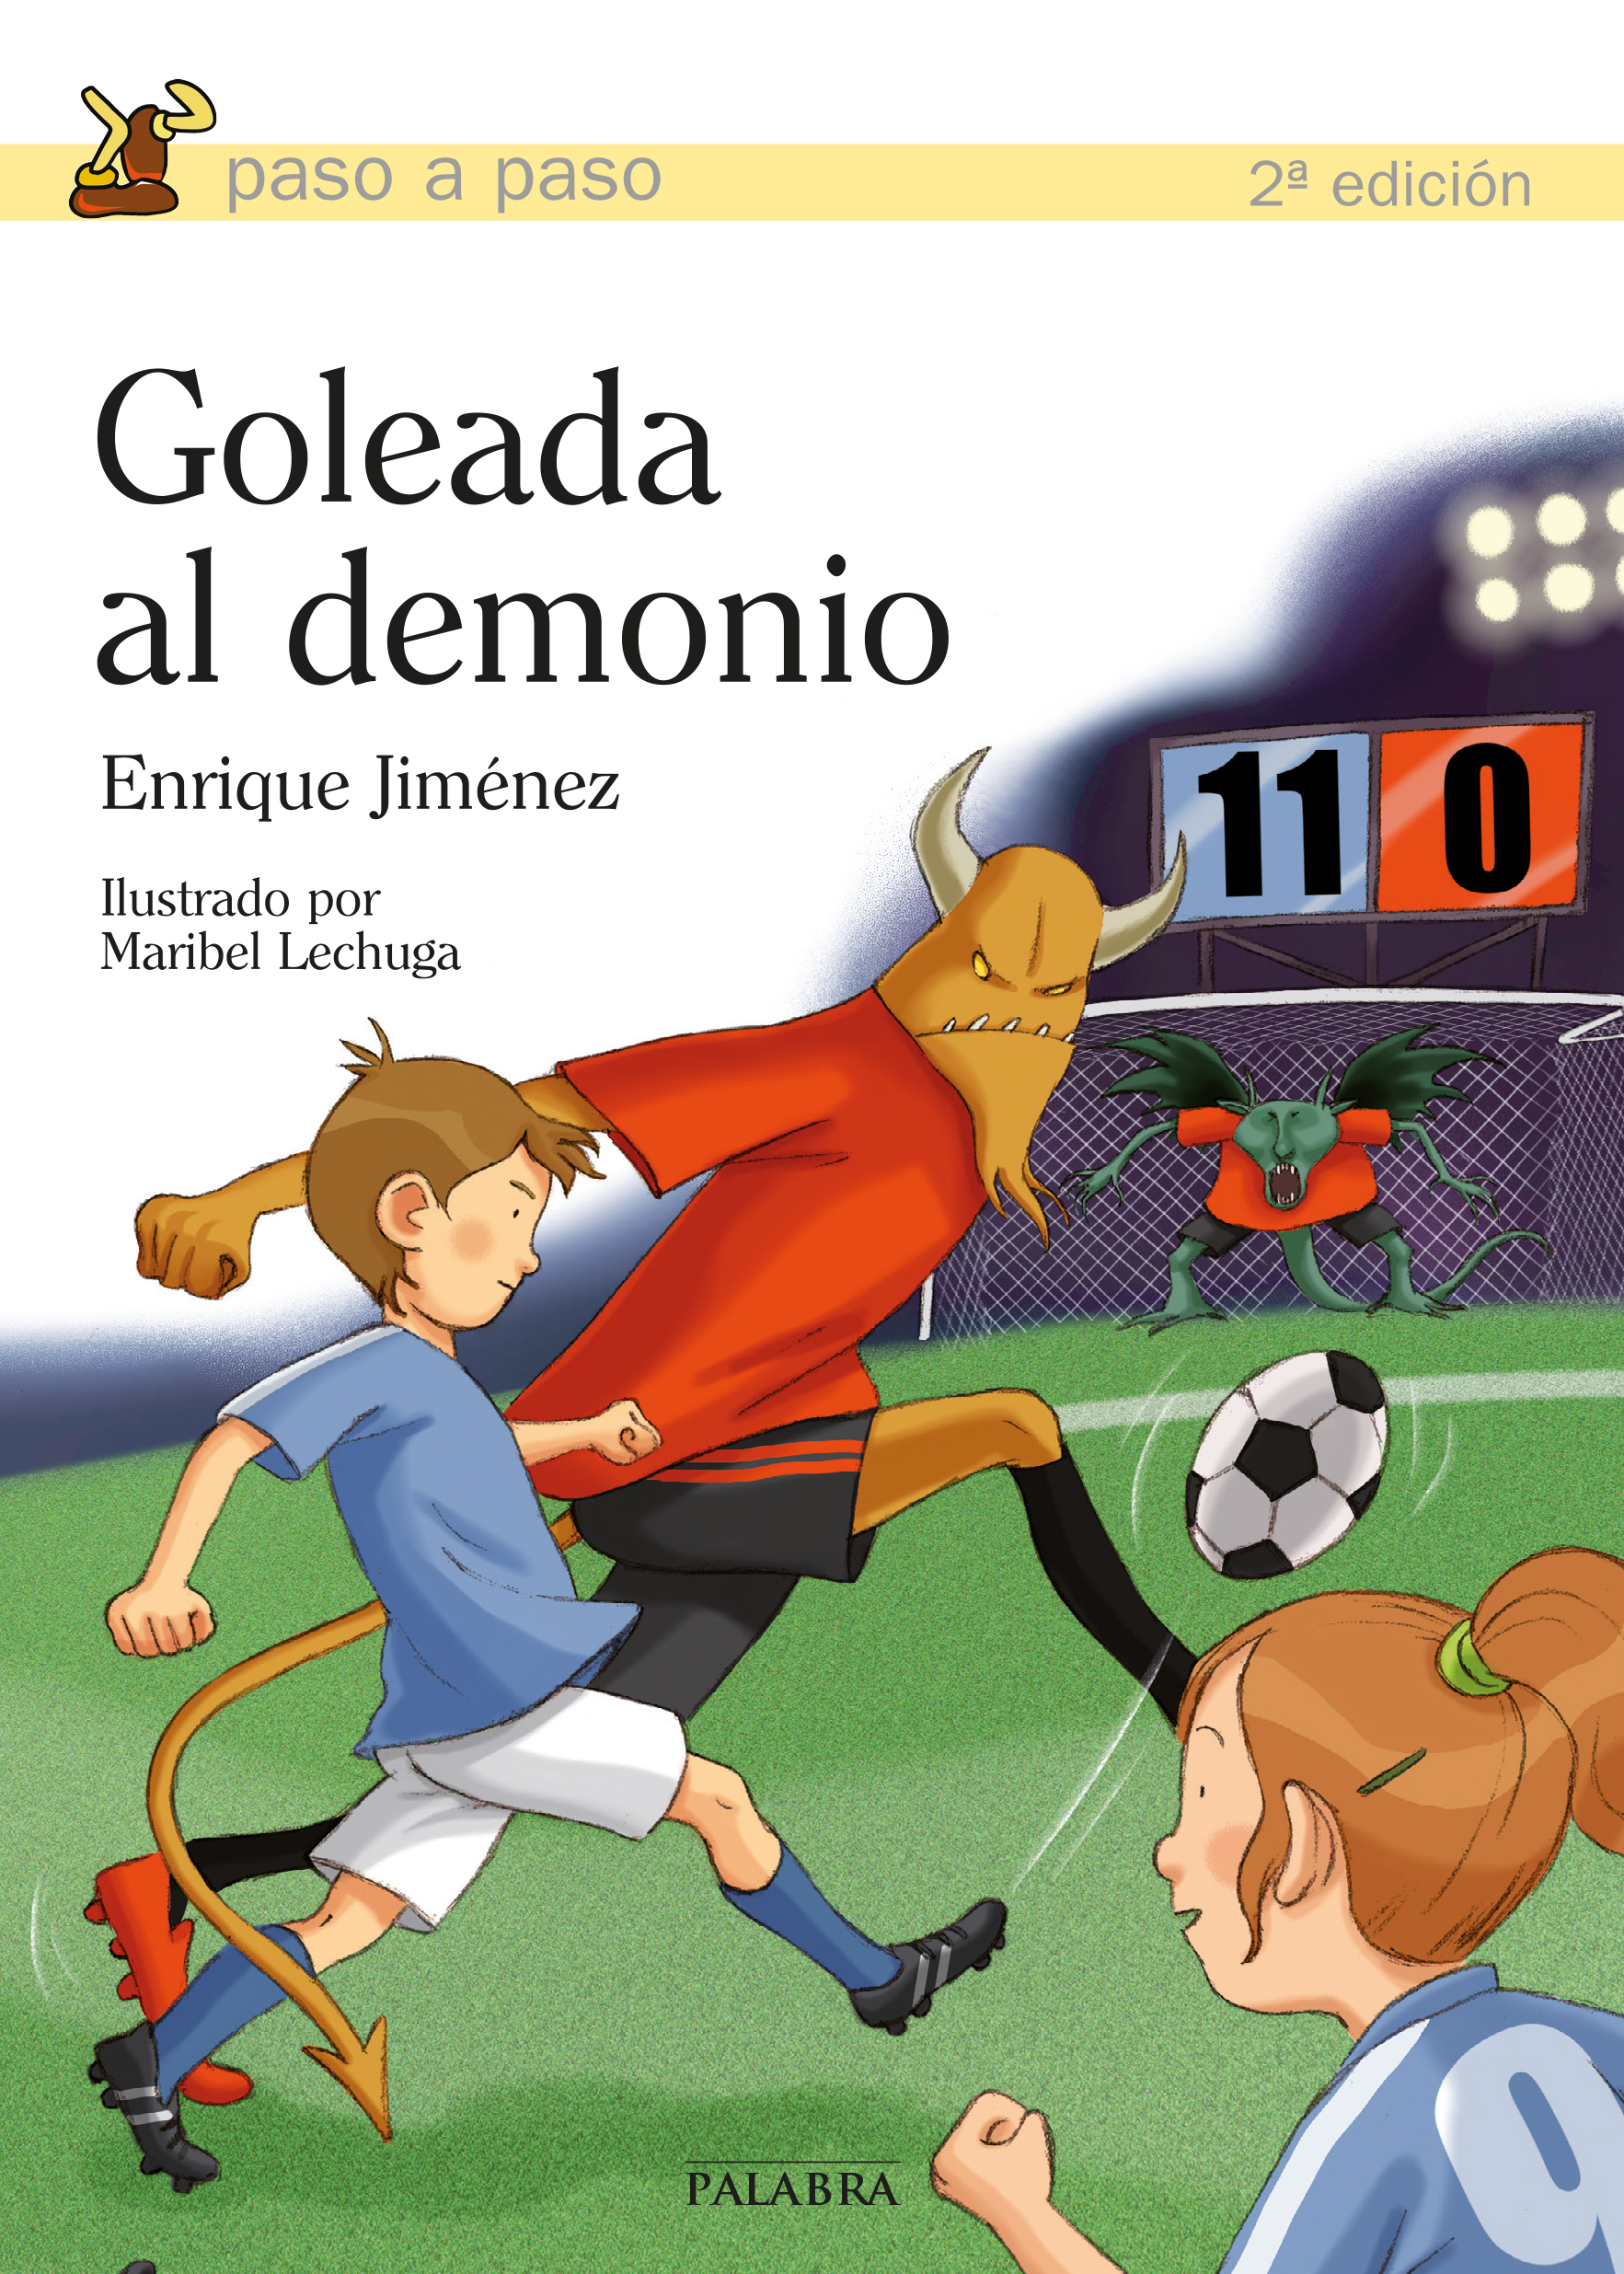 6c9750cede4 Libro  Goleada al demonio de Enrique Jiménez Lasanta